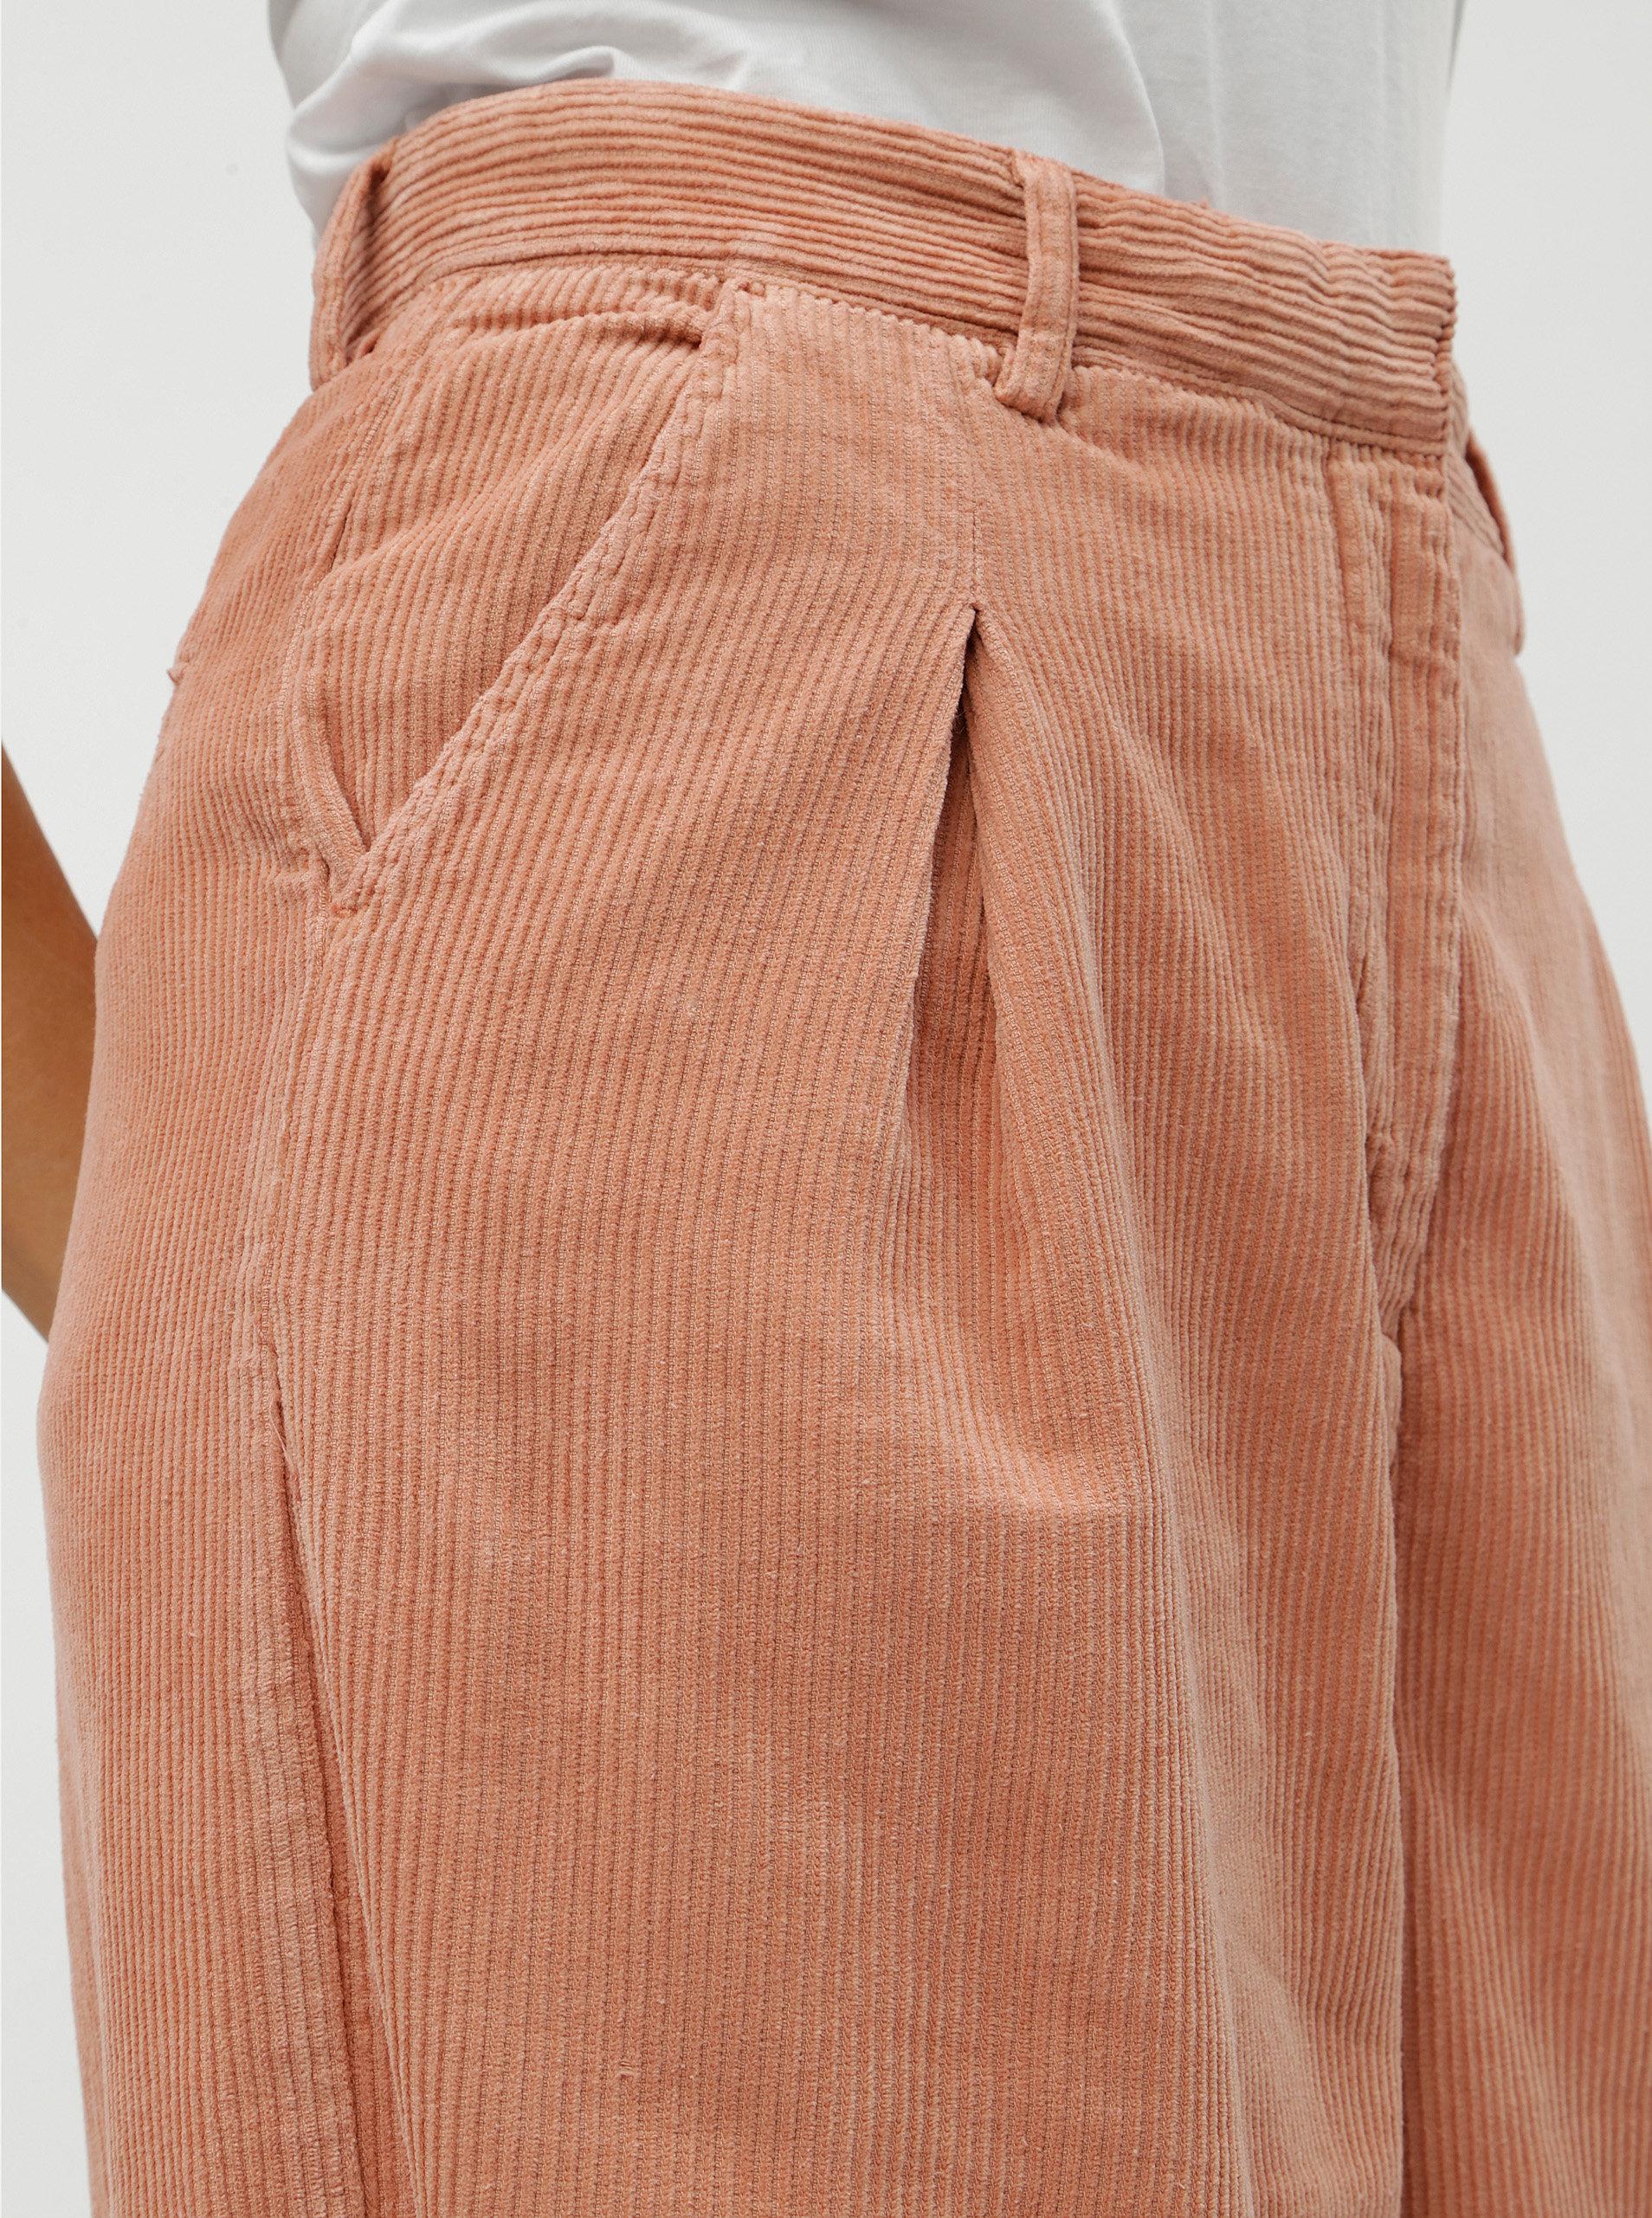 29a8a58e141 Růžové dámské volné manšestrové kalhoty s vysokým pasem Kings of Indigo  Maxima ...